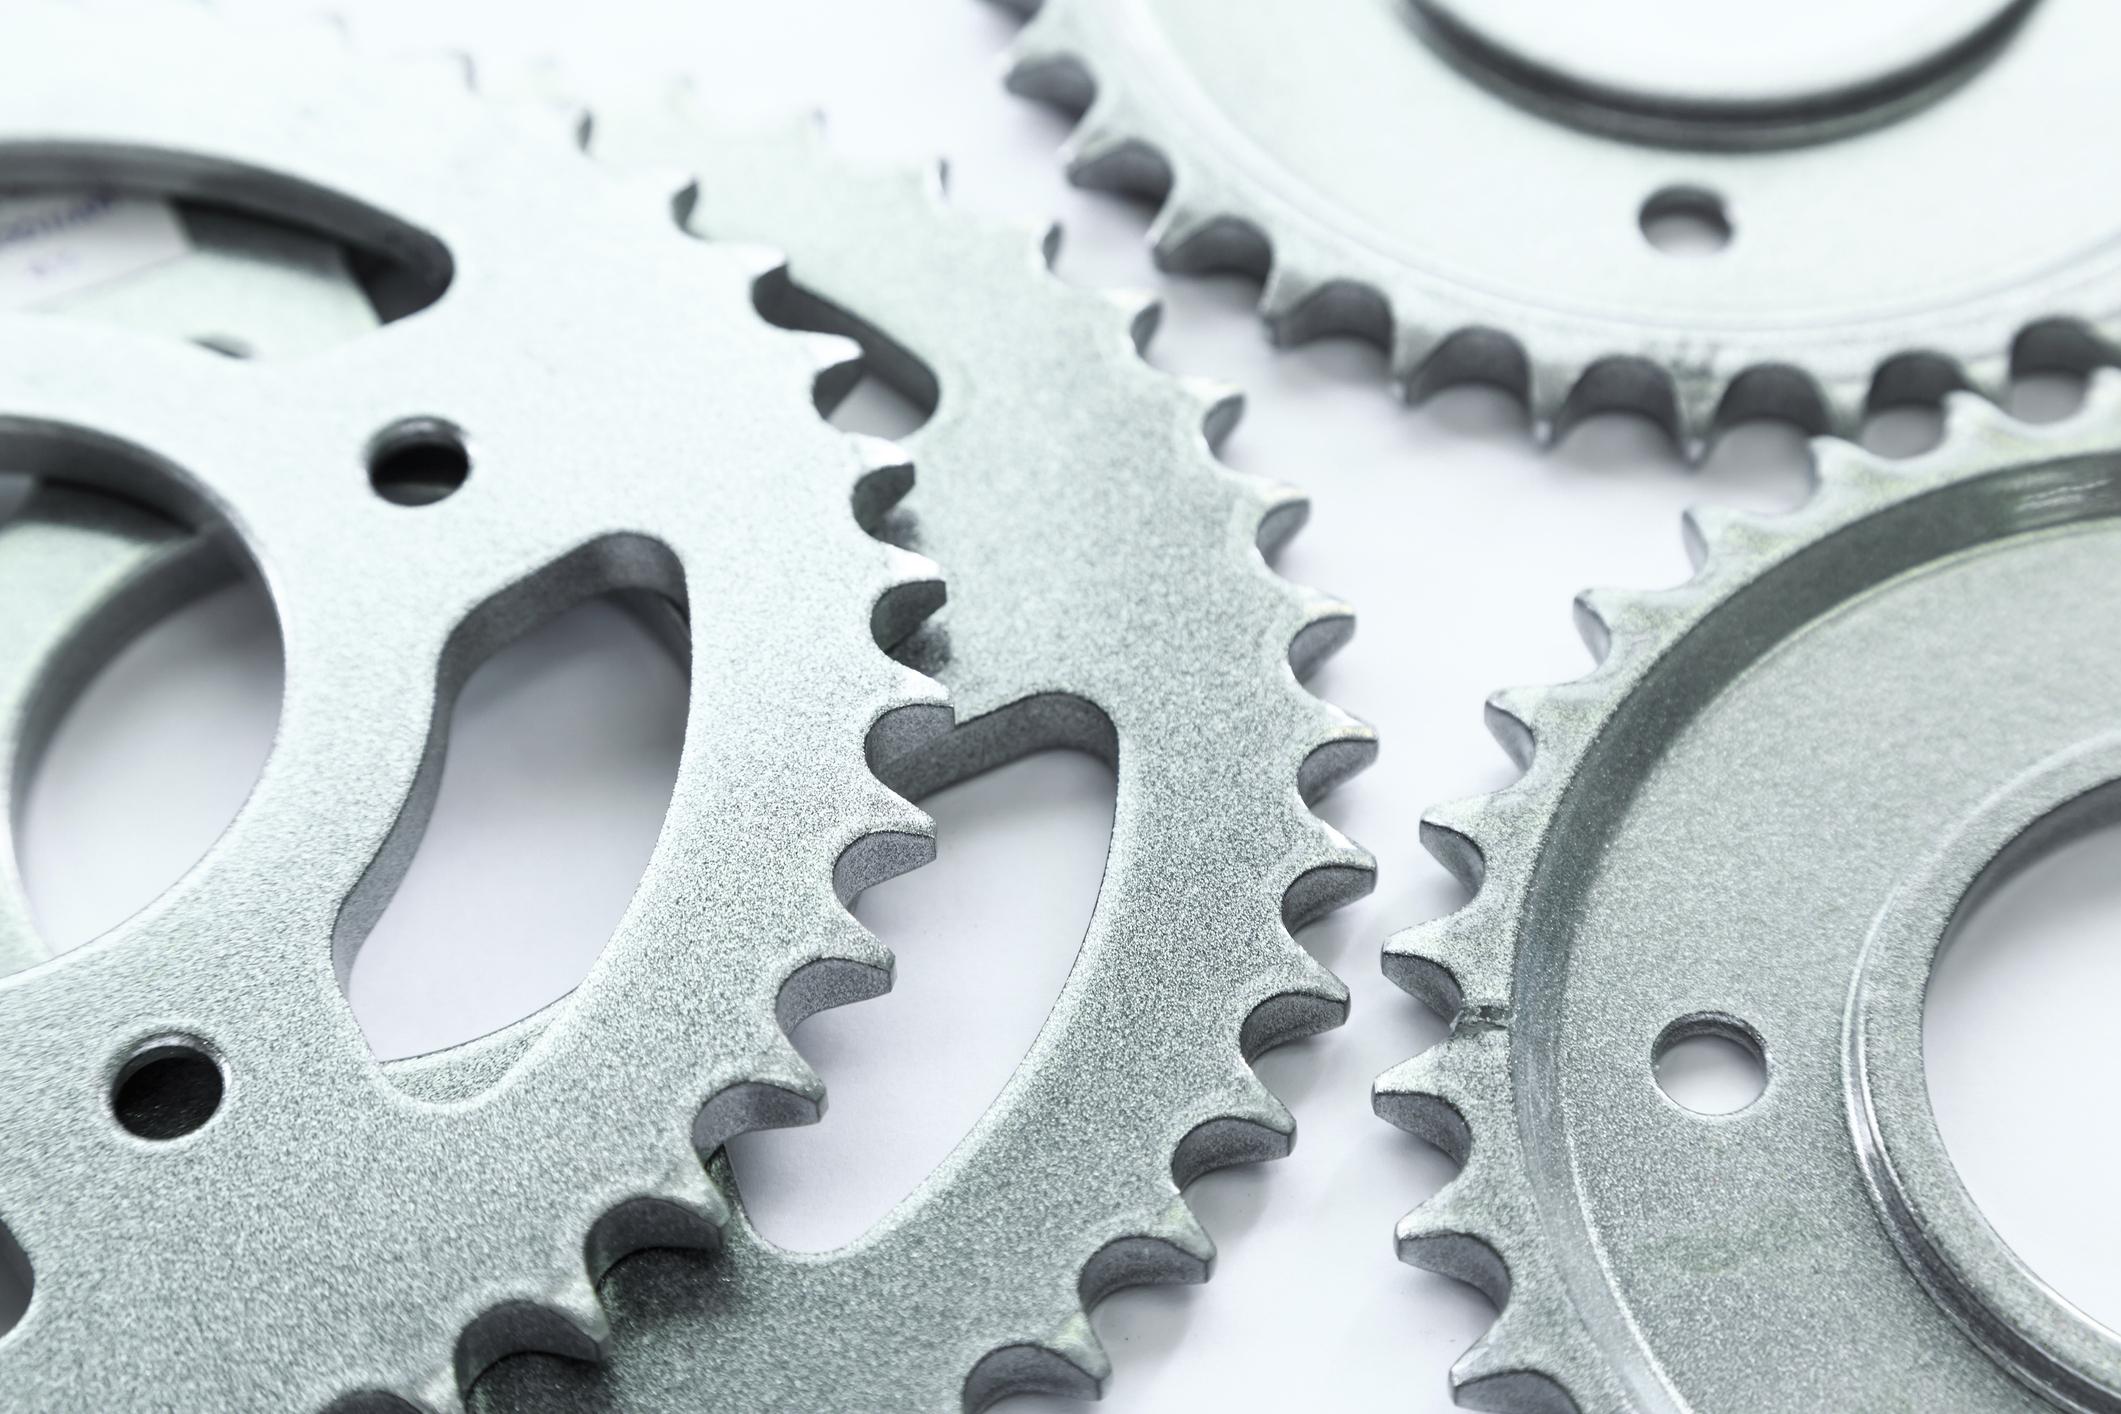 3D-printed bicycle gears.